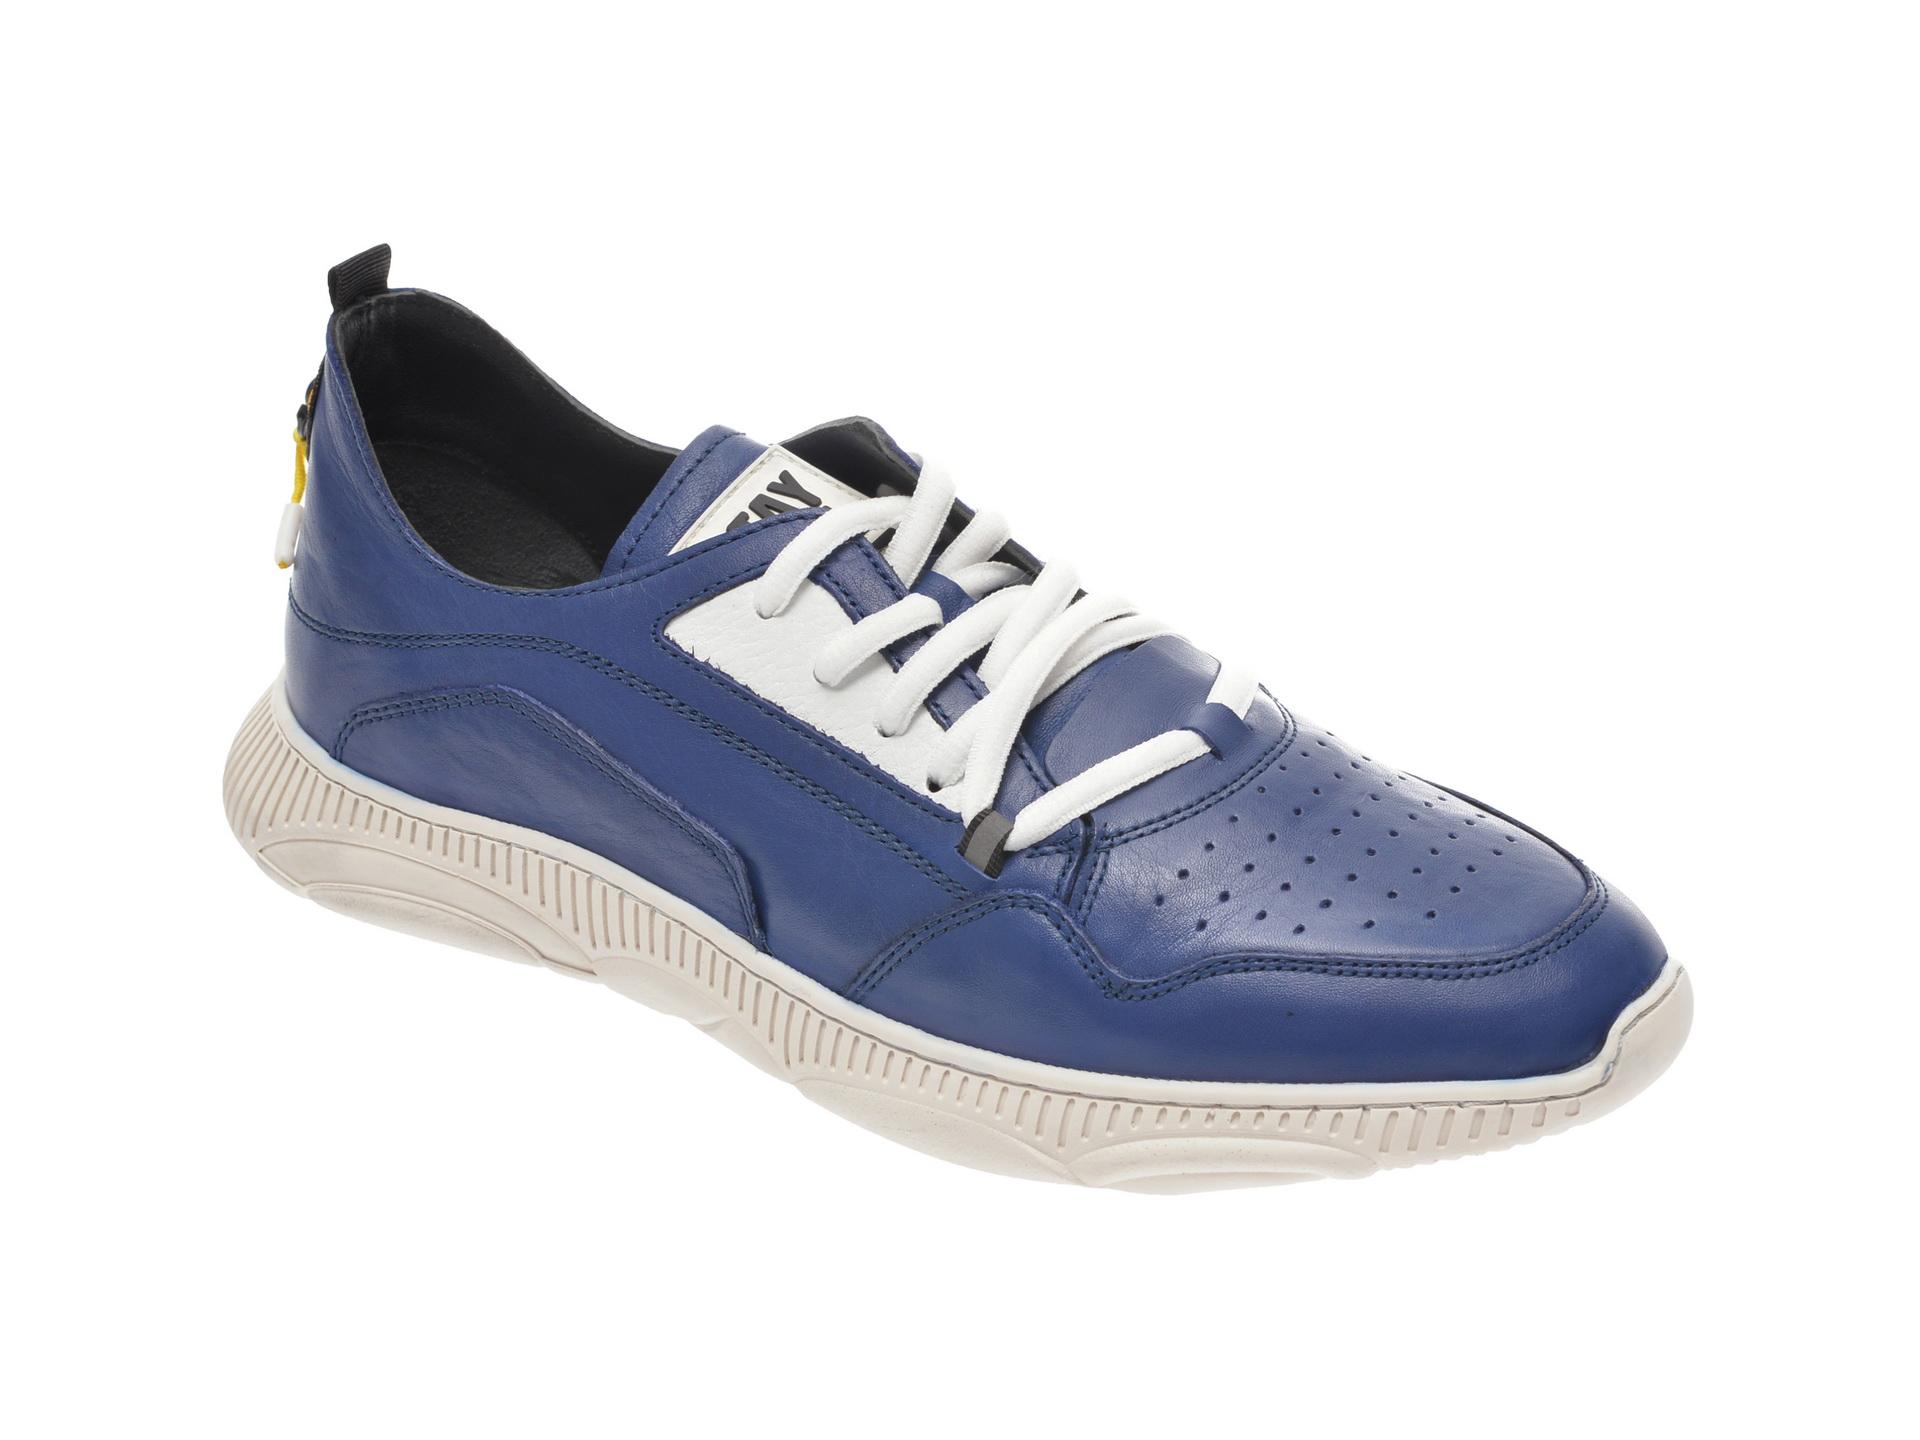 Pantofi sport OTTER bleumarin, 37101, din piele naturala New